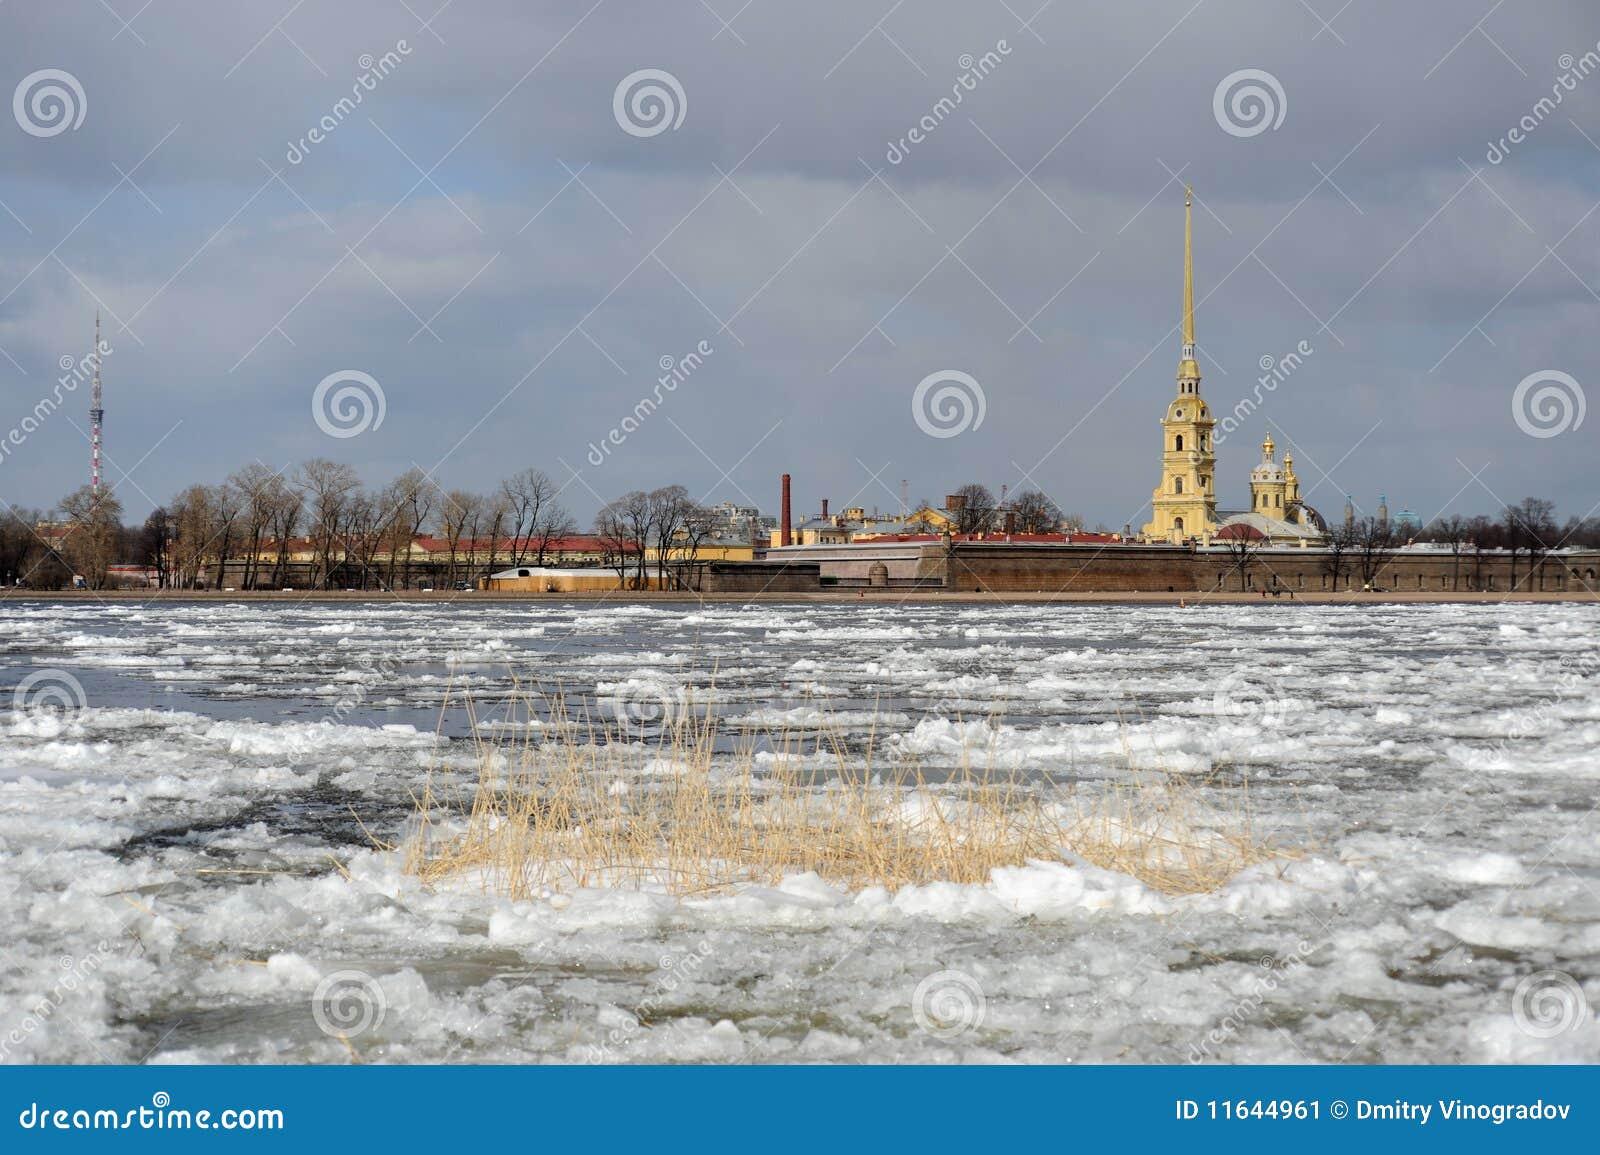 Débâcle sur le fleuve de Neva